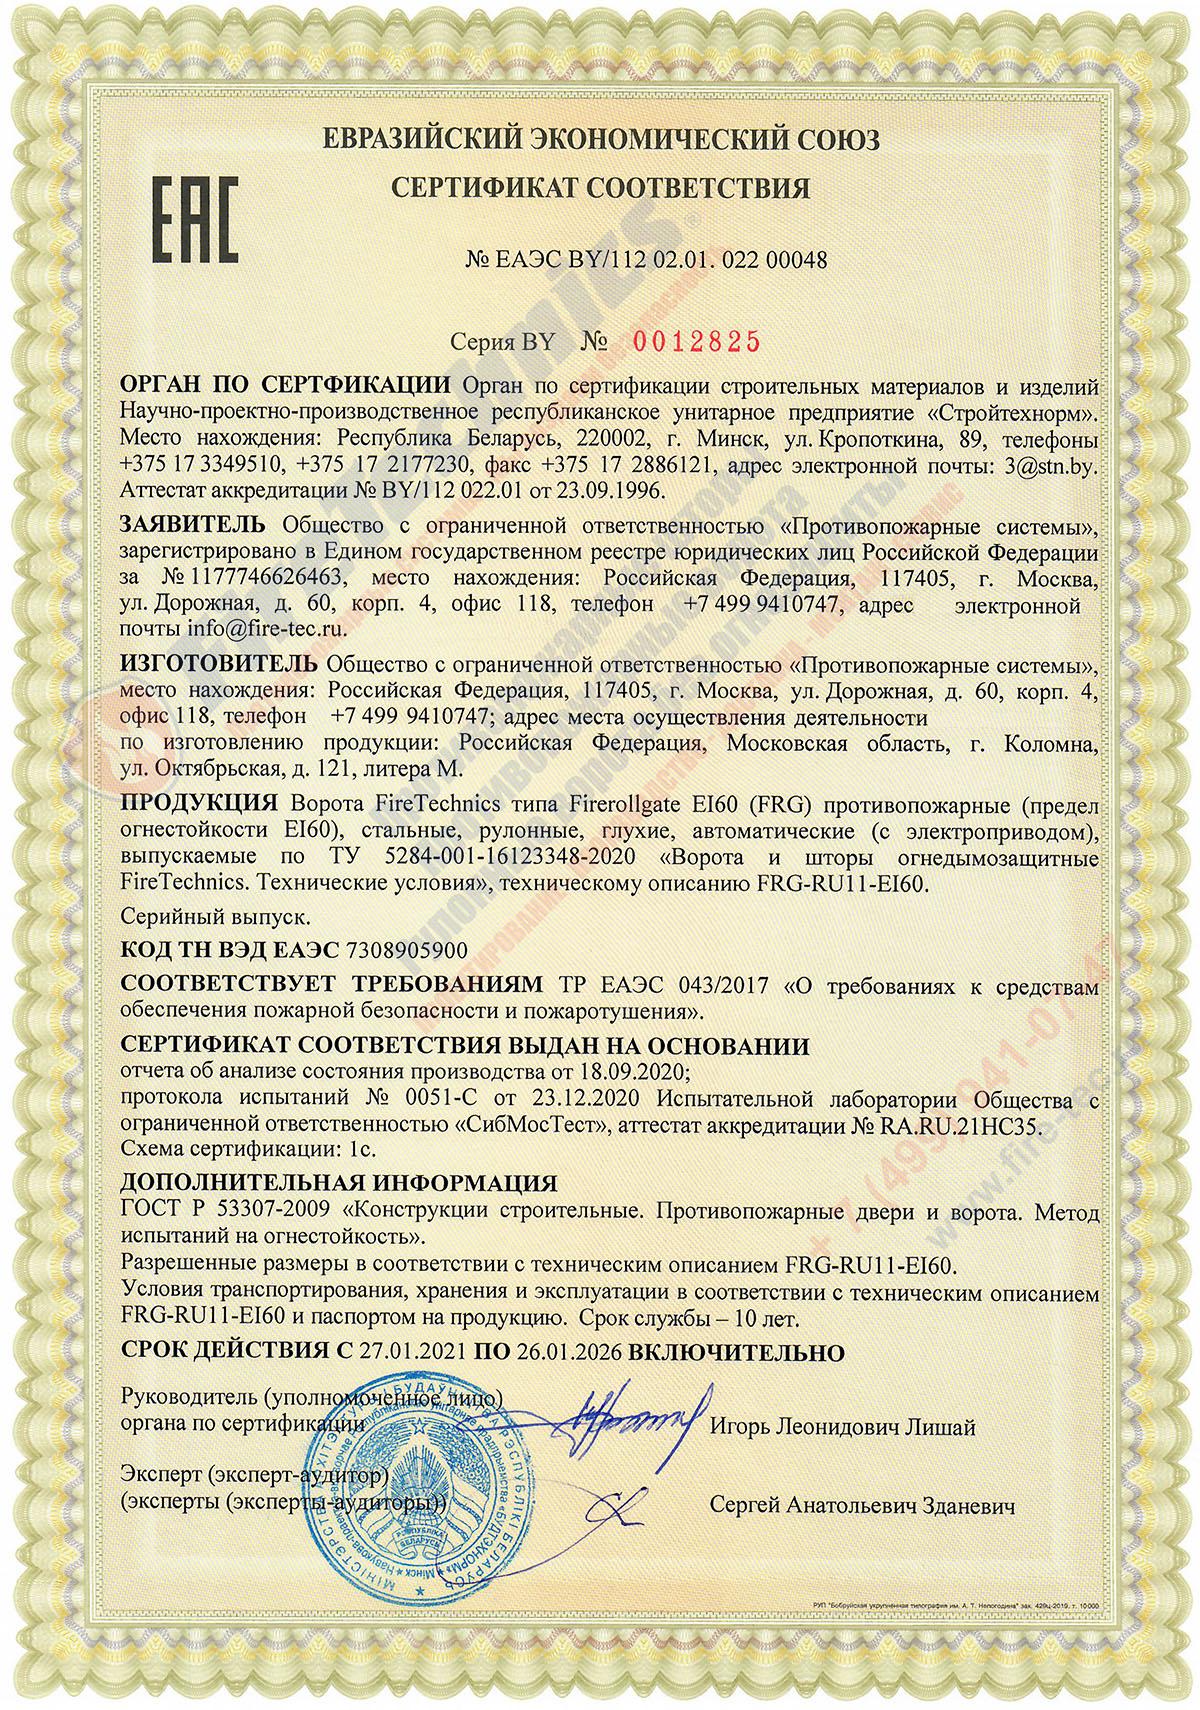 Сертификат соответствия на Рулонные противопожарные ворота Firerollgate EI60 № ЕАЭС BY/112 02.01. 022 00048